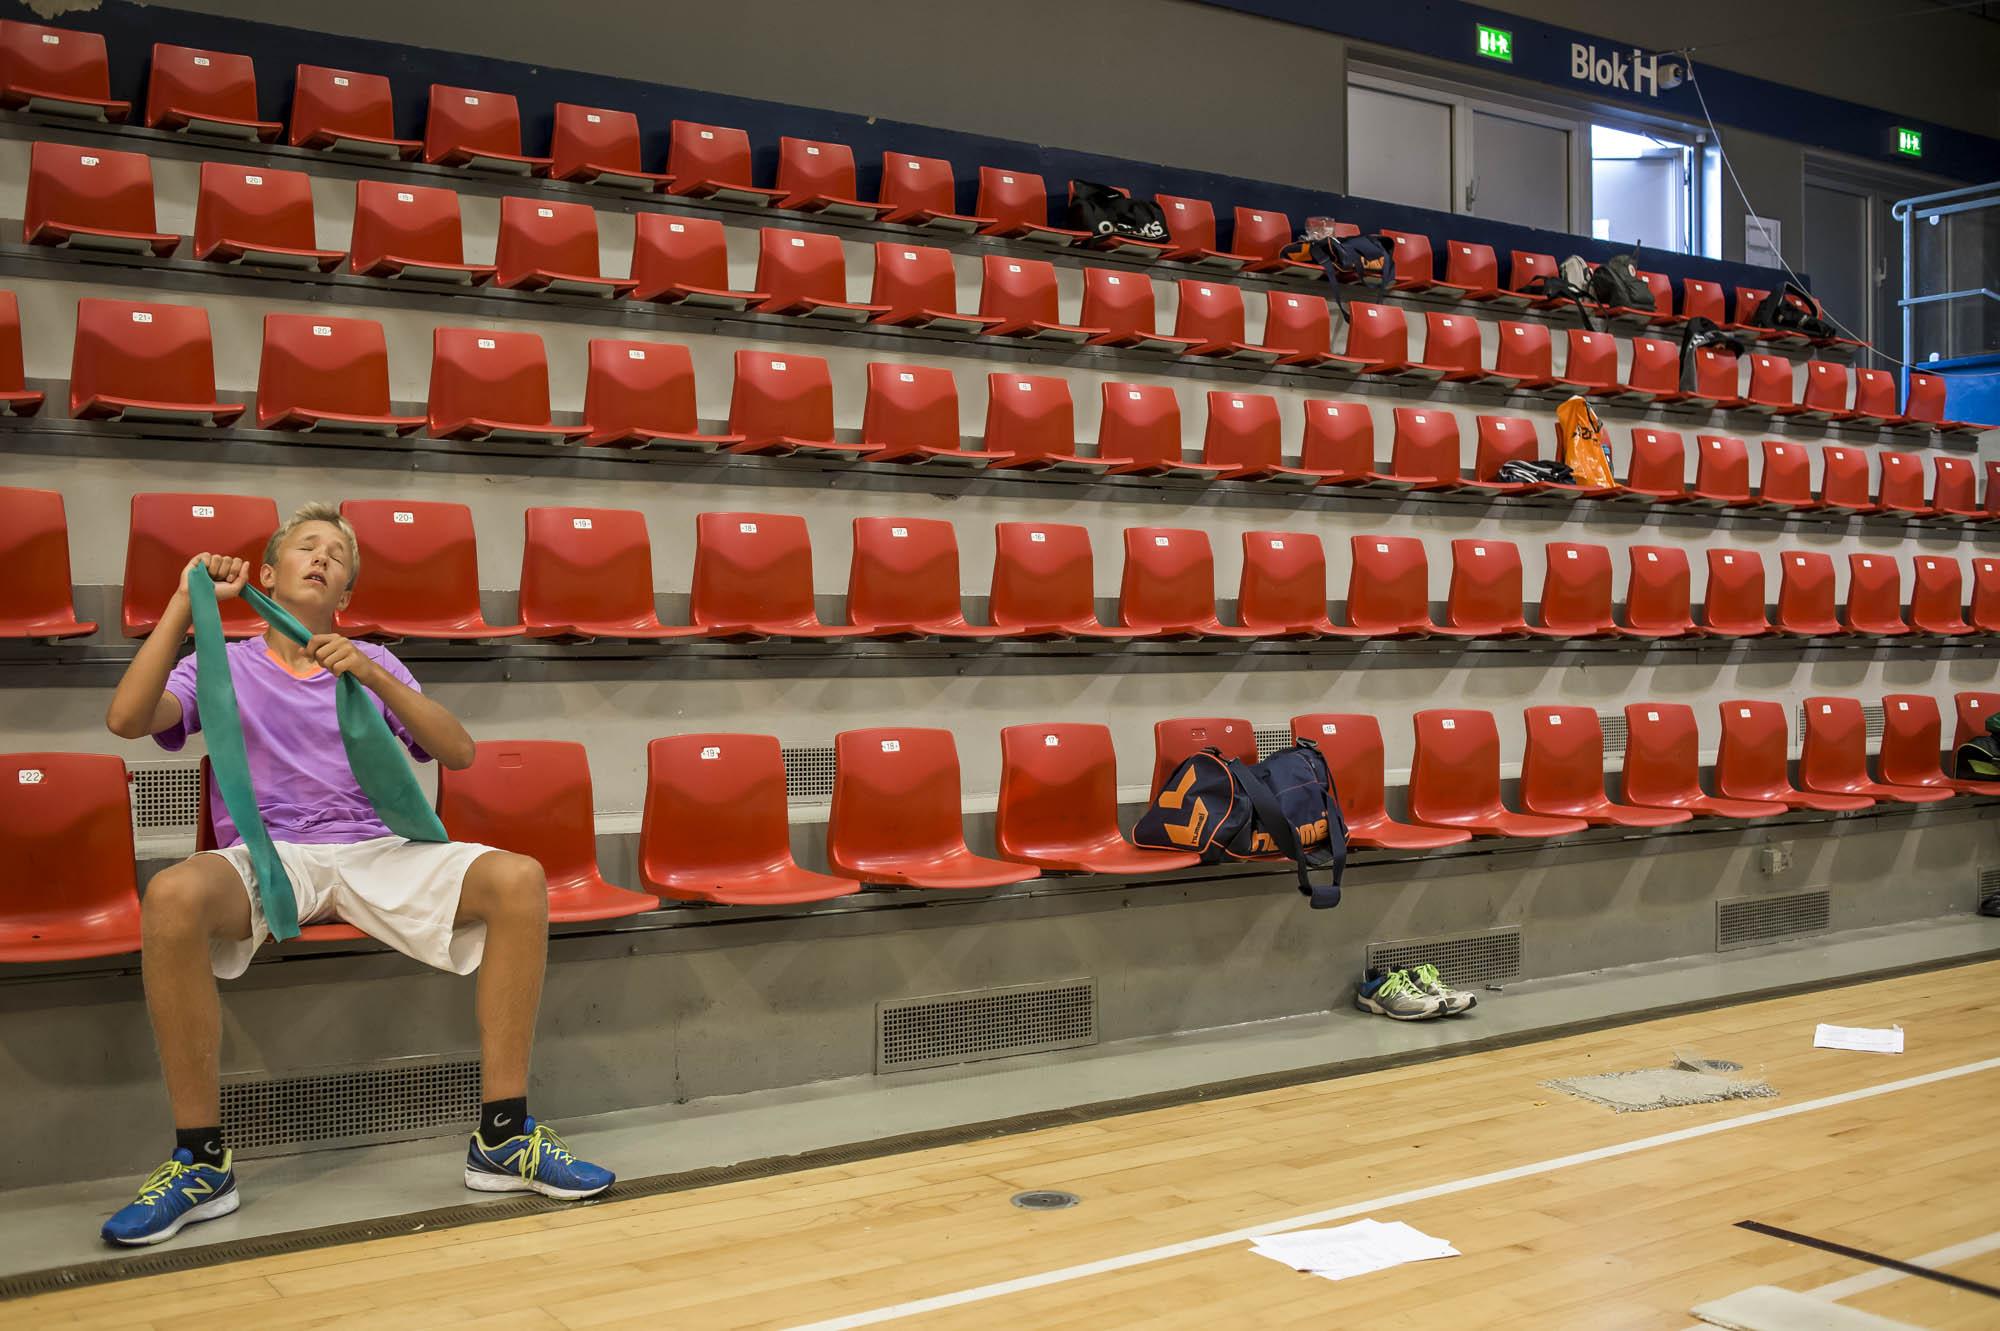 Billeder til artikel om eliteidrætsklasser i Aalborg. Foto: Martin Damgård